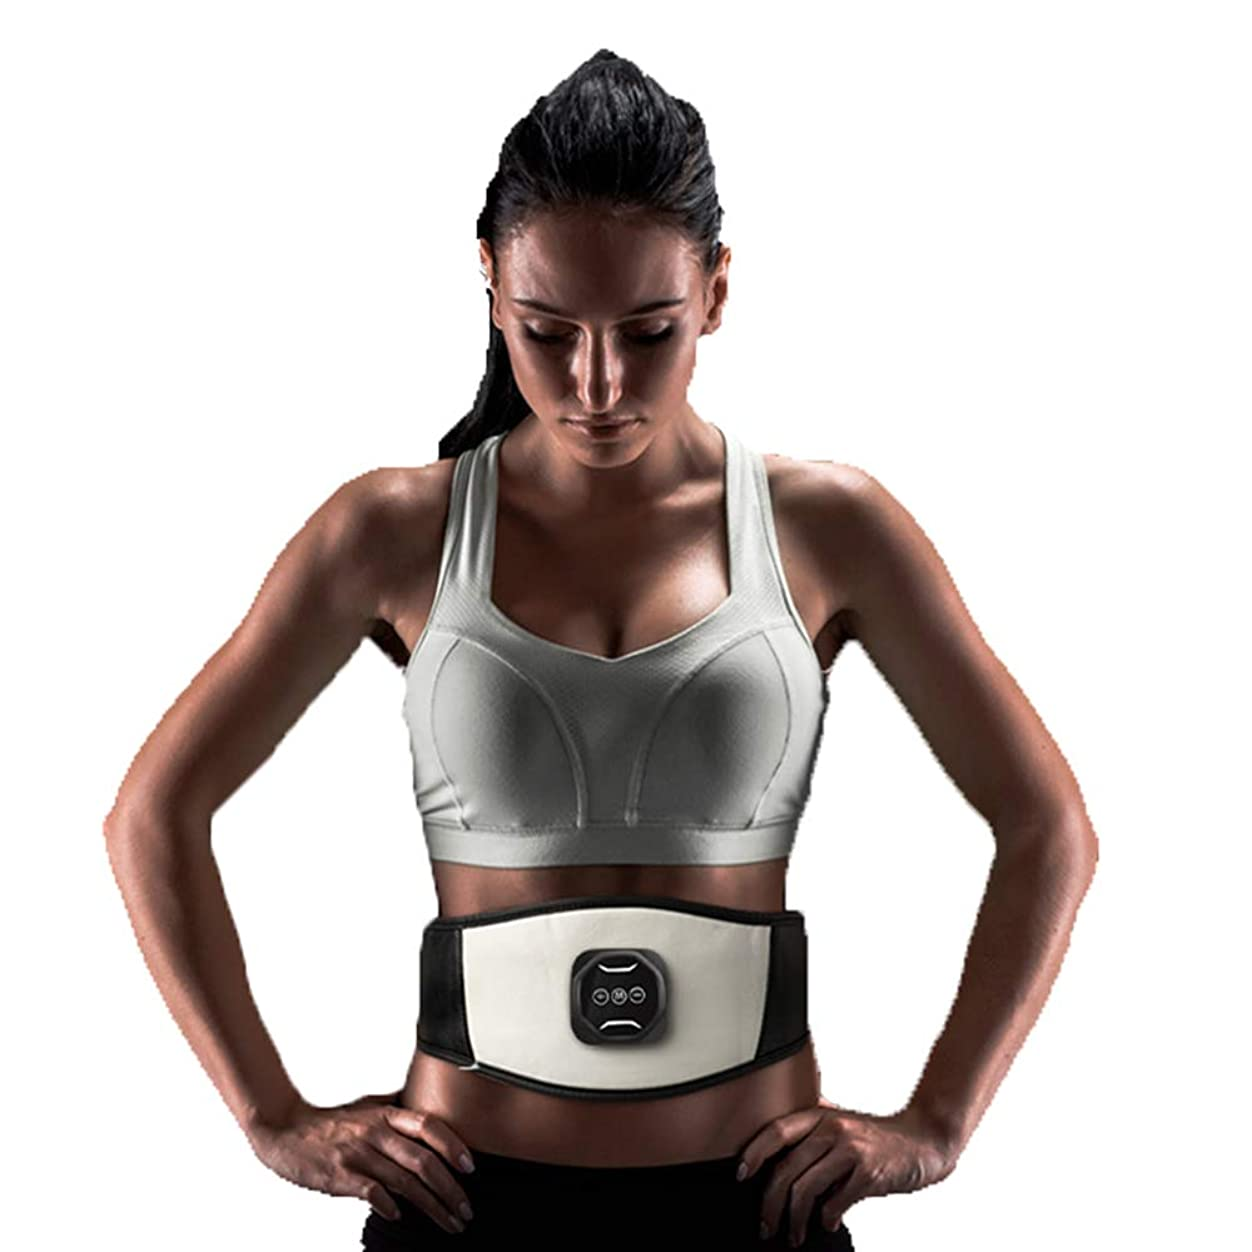 の中でポンペイ魅力的スマートワイヤレス腹筋ペーストEMS筋肉刺激装置薄い腹部腹部マシンUSB電気ベルト腹部機器全身体重減少運動フィットネス機器ユニセックス